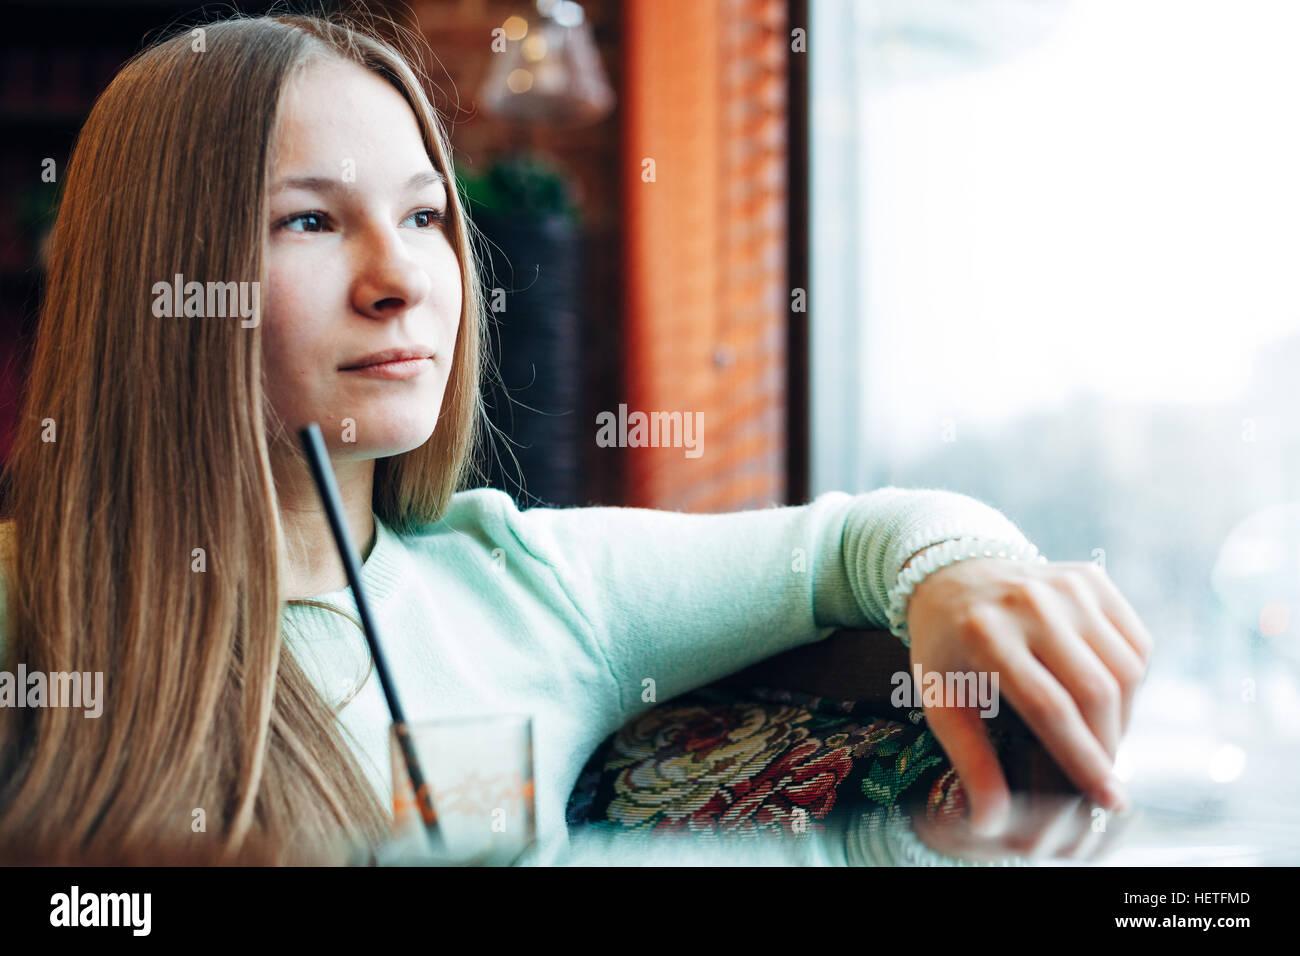 Foto einer Frau trinken Saft durch Fenster Stockbild